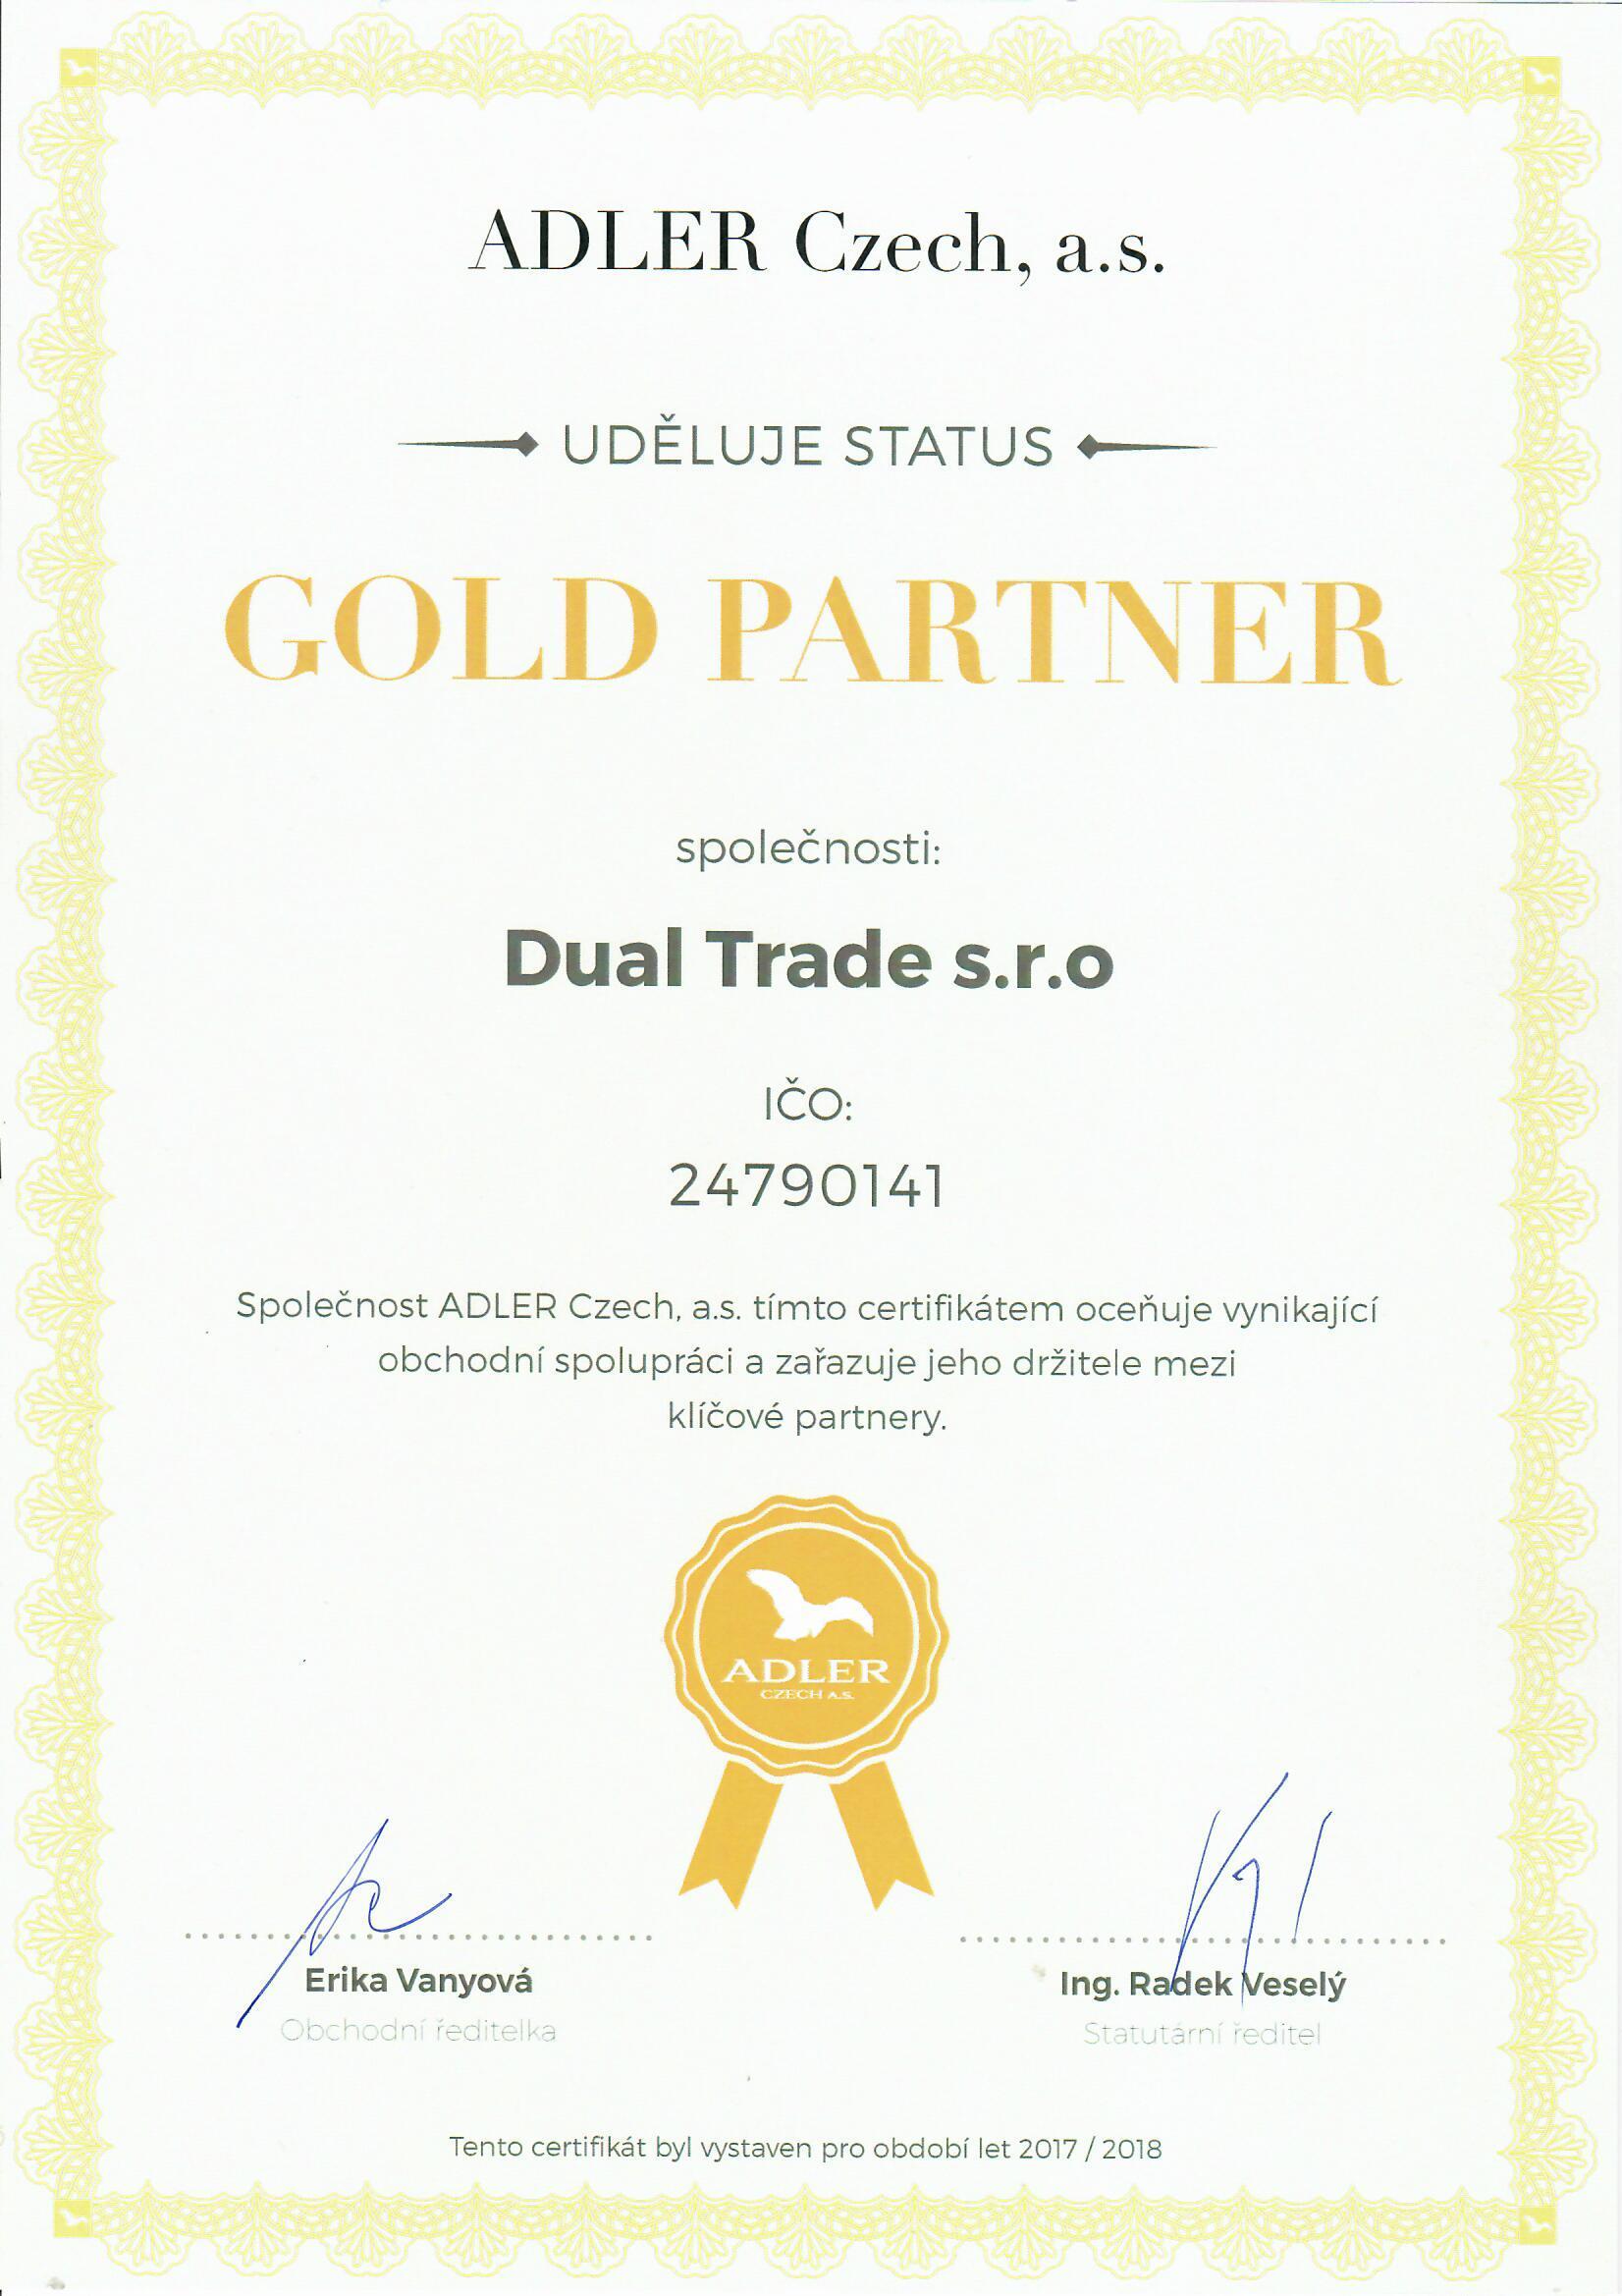 Adler Gold Partner